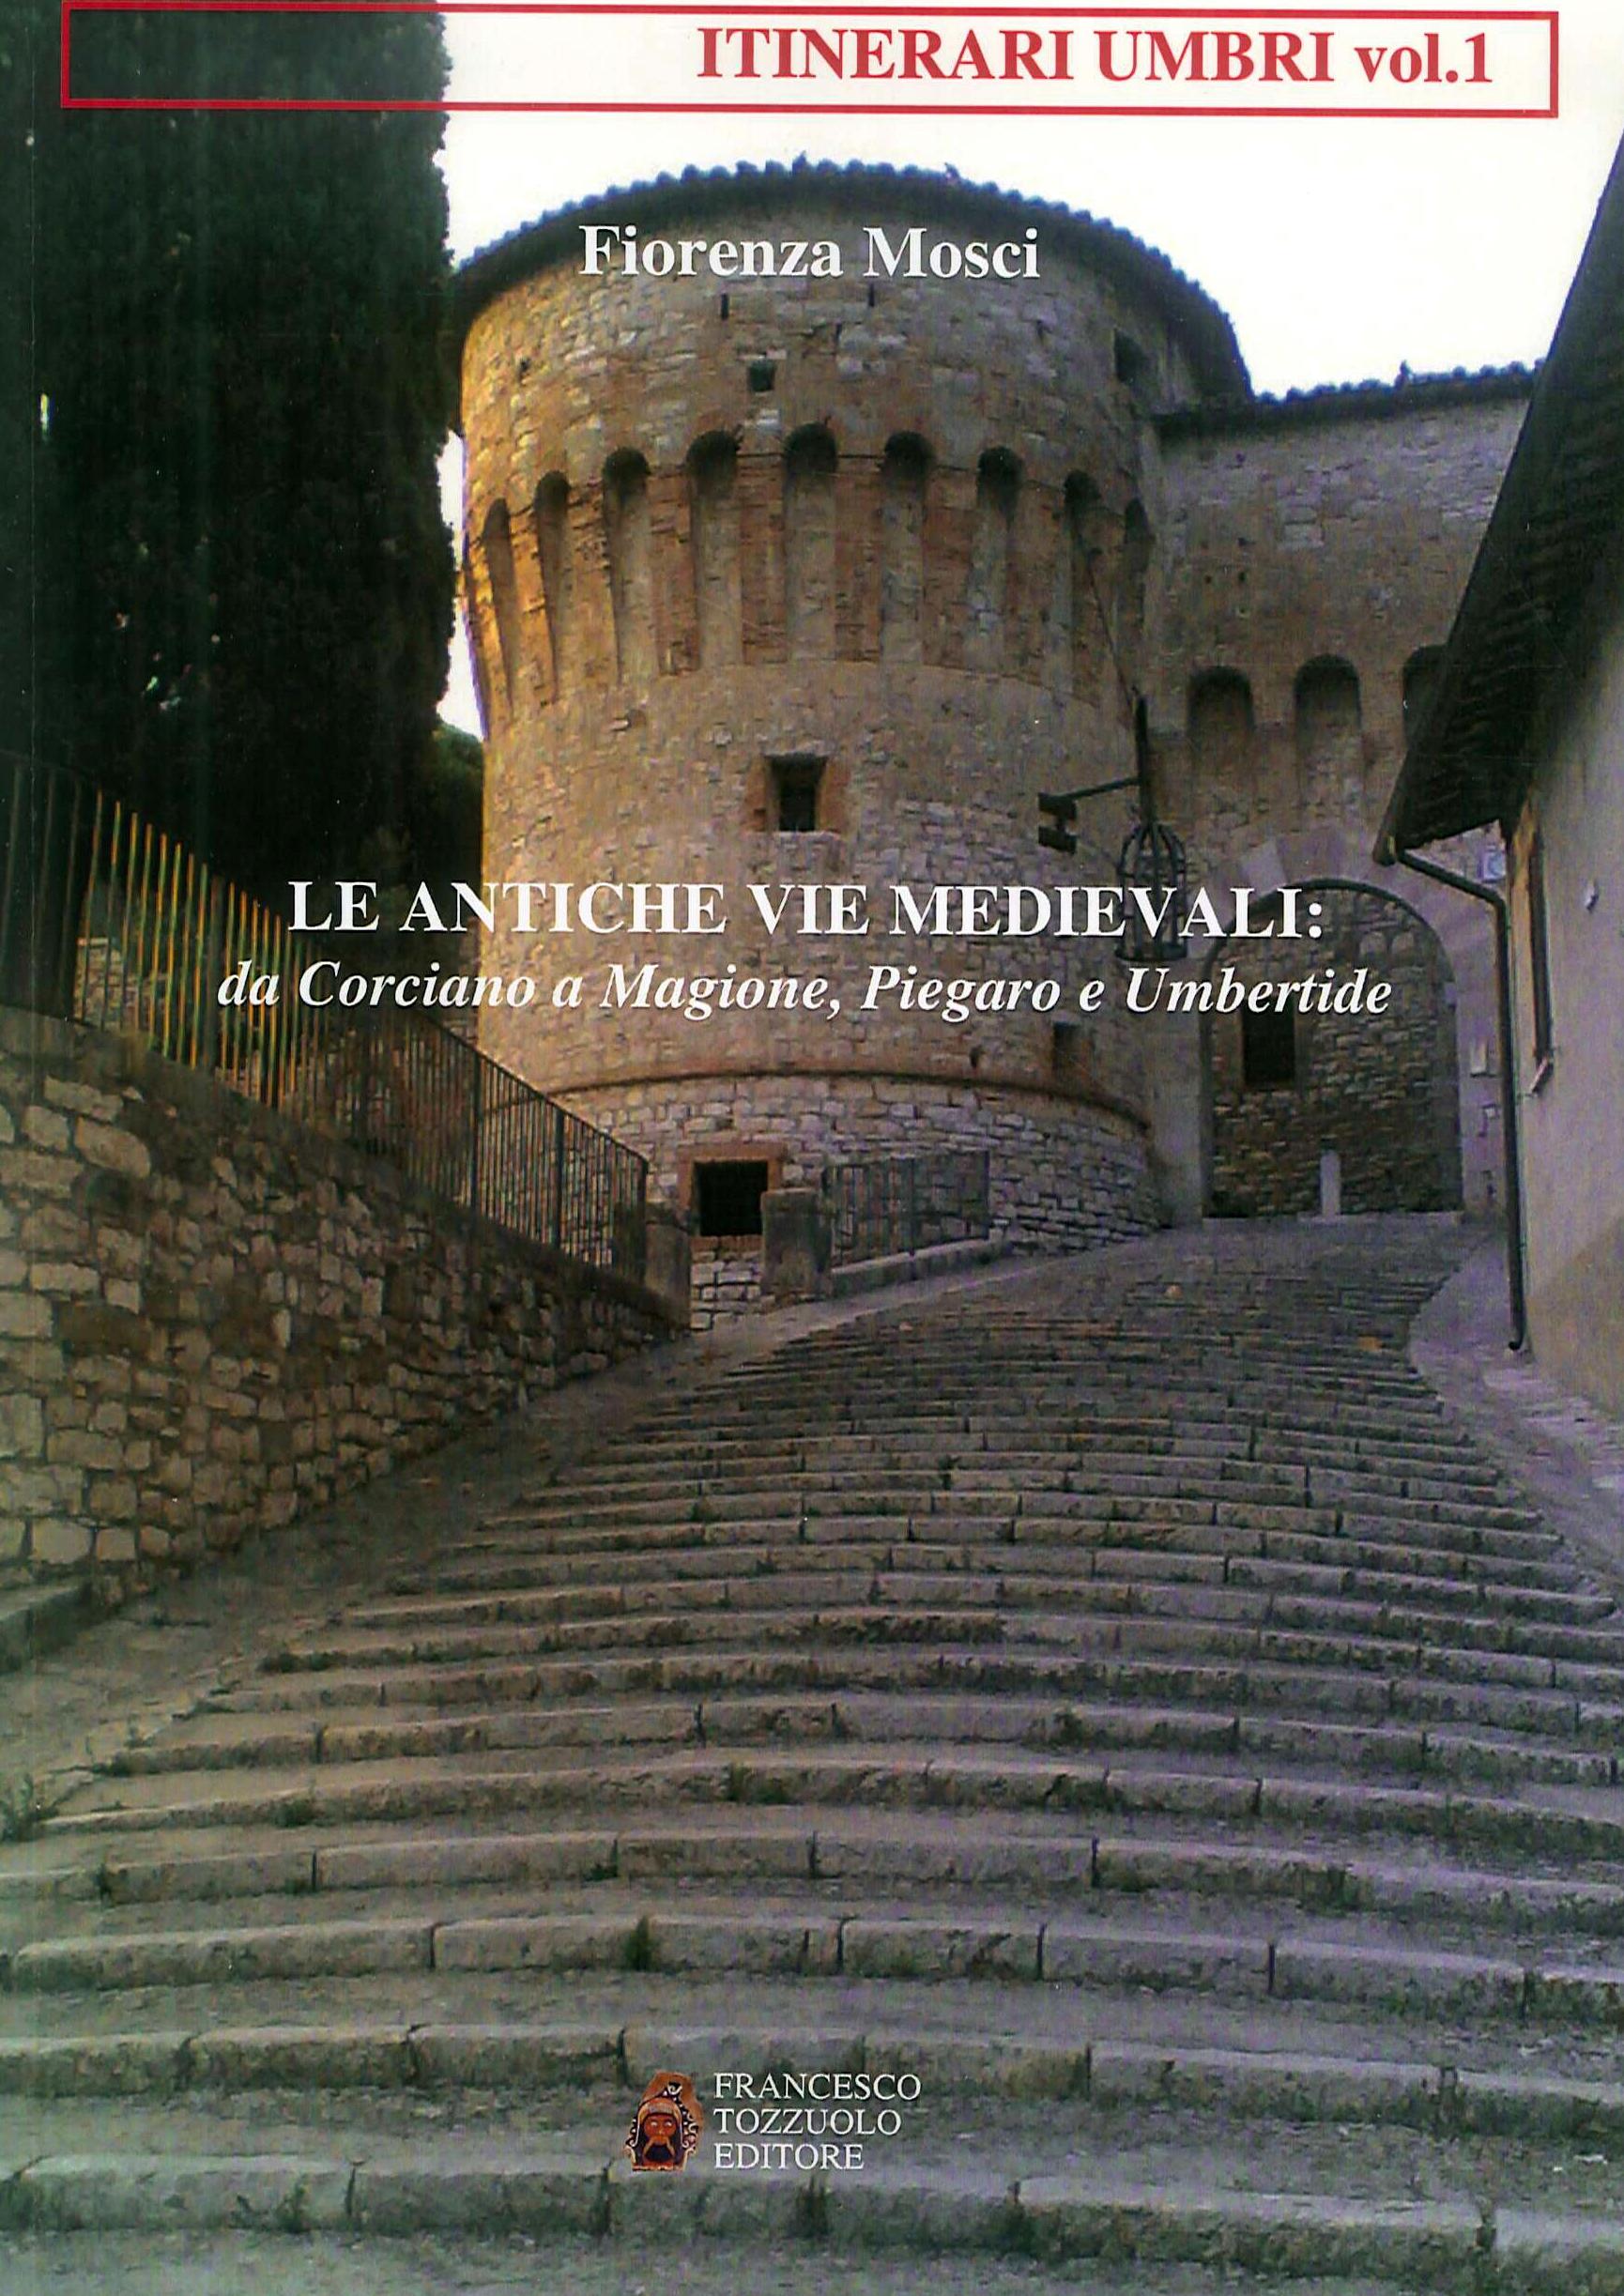 Le antiche vie medievali. Da Corciano a Magione, Piegaro e Umbertide